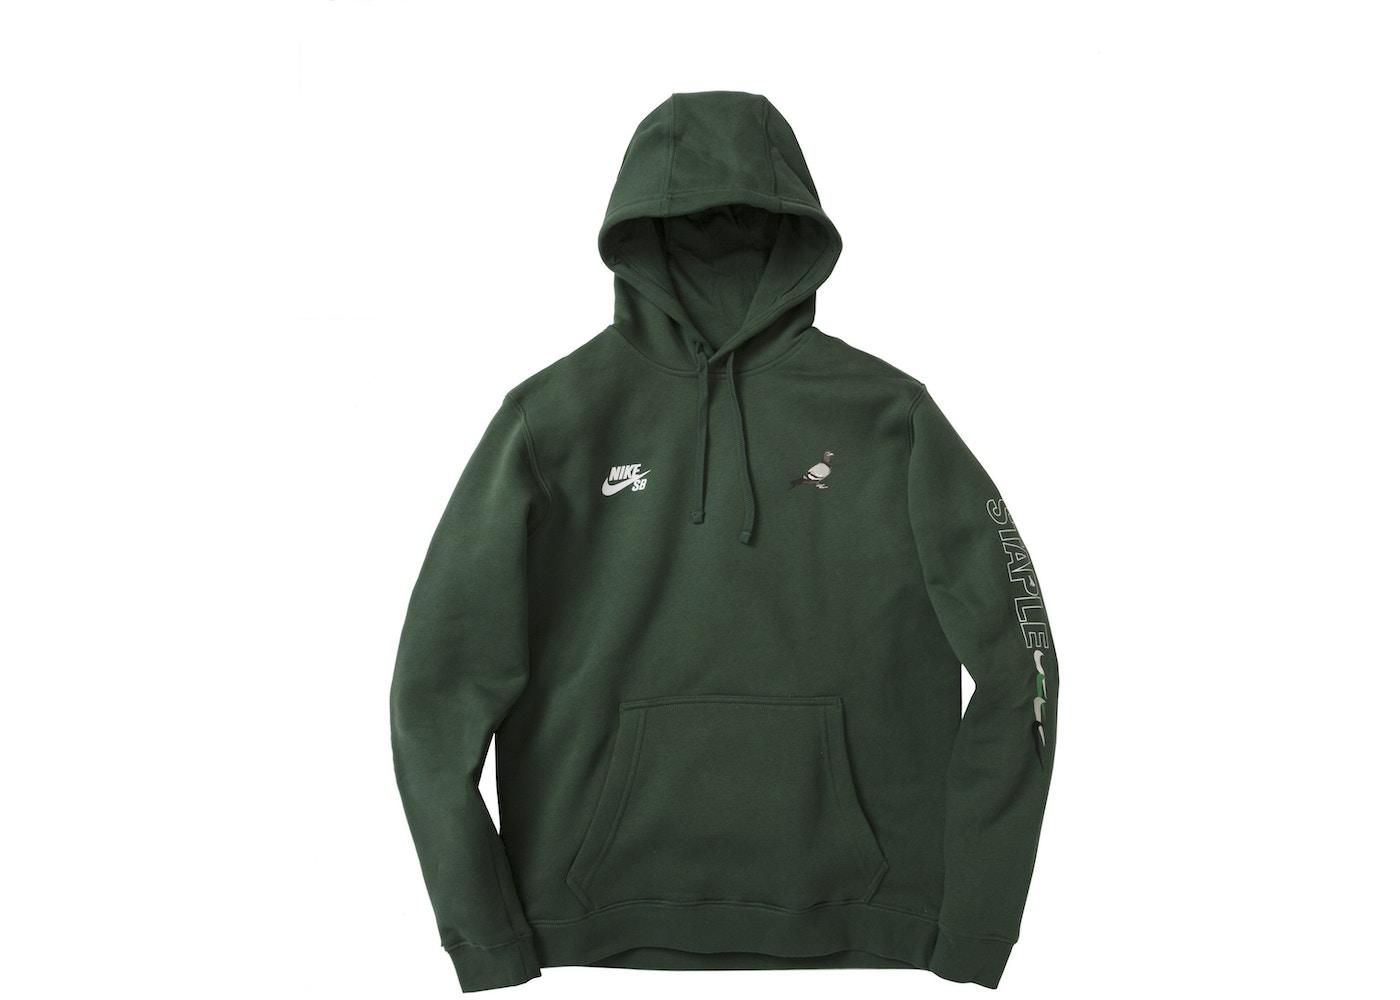 nike hoodie green